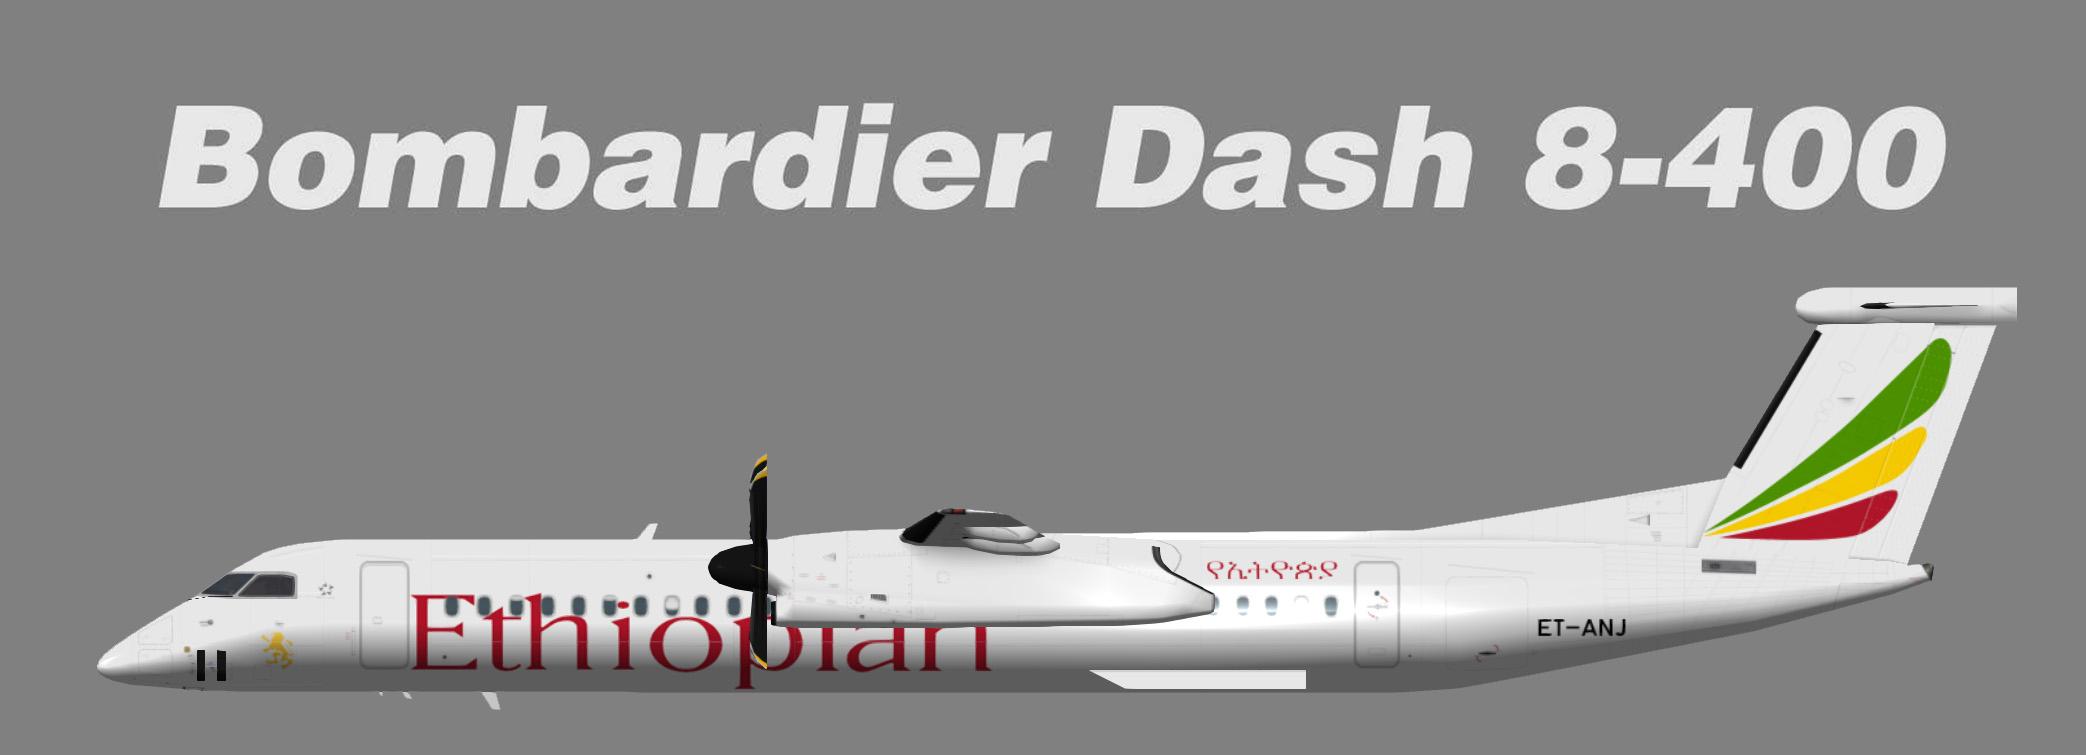 Ethiopian Airlines Bombardier Dash8-400